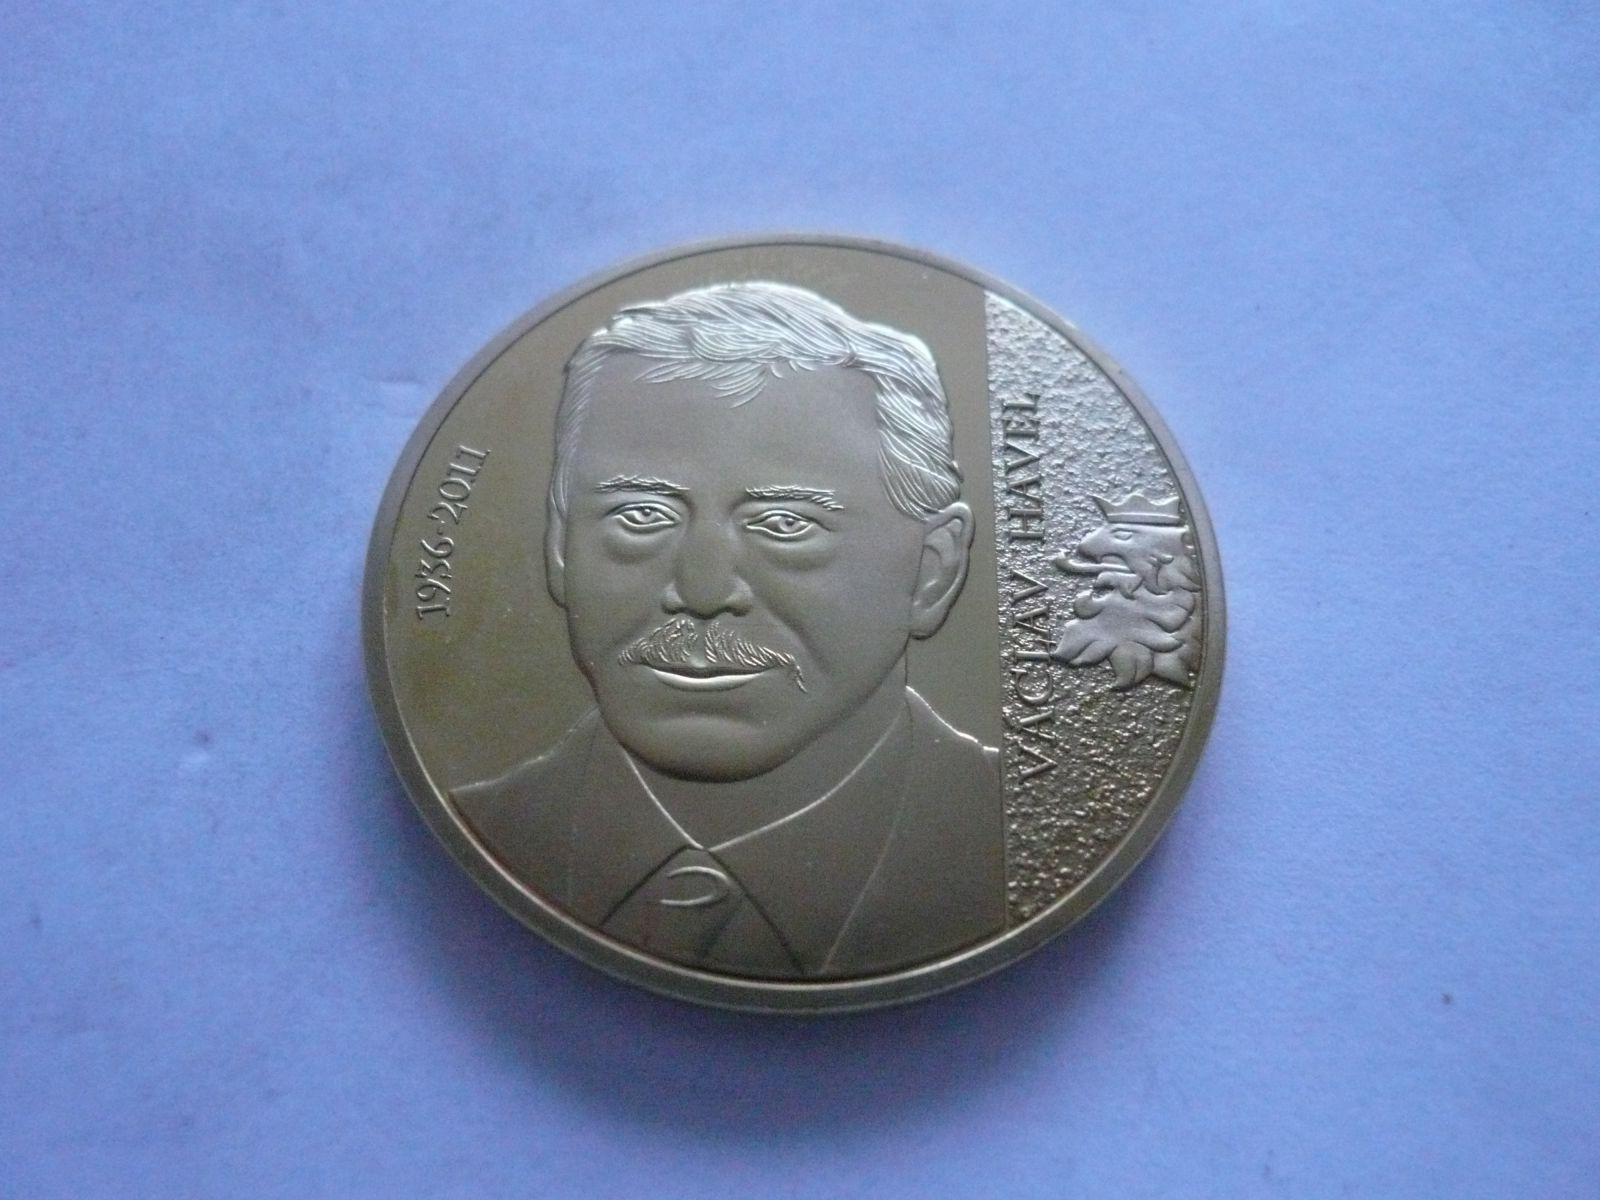 Václav Havel, zlaceno průměr 40mm, Největší Čech, ČR